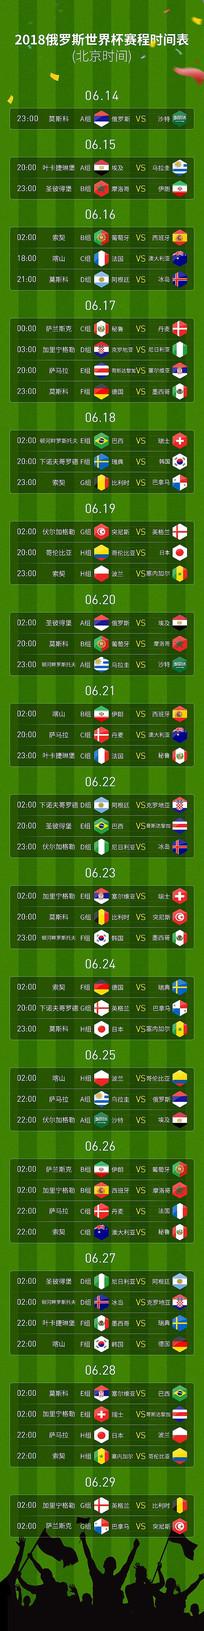 2018世界杯赛程表页面设计